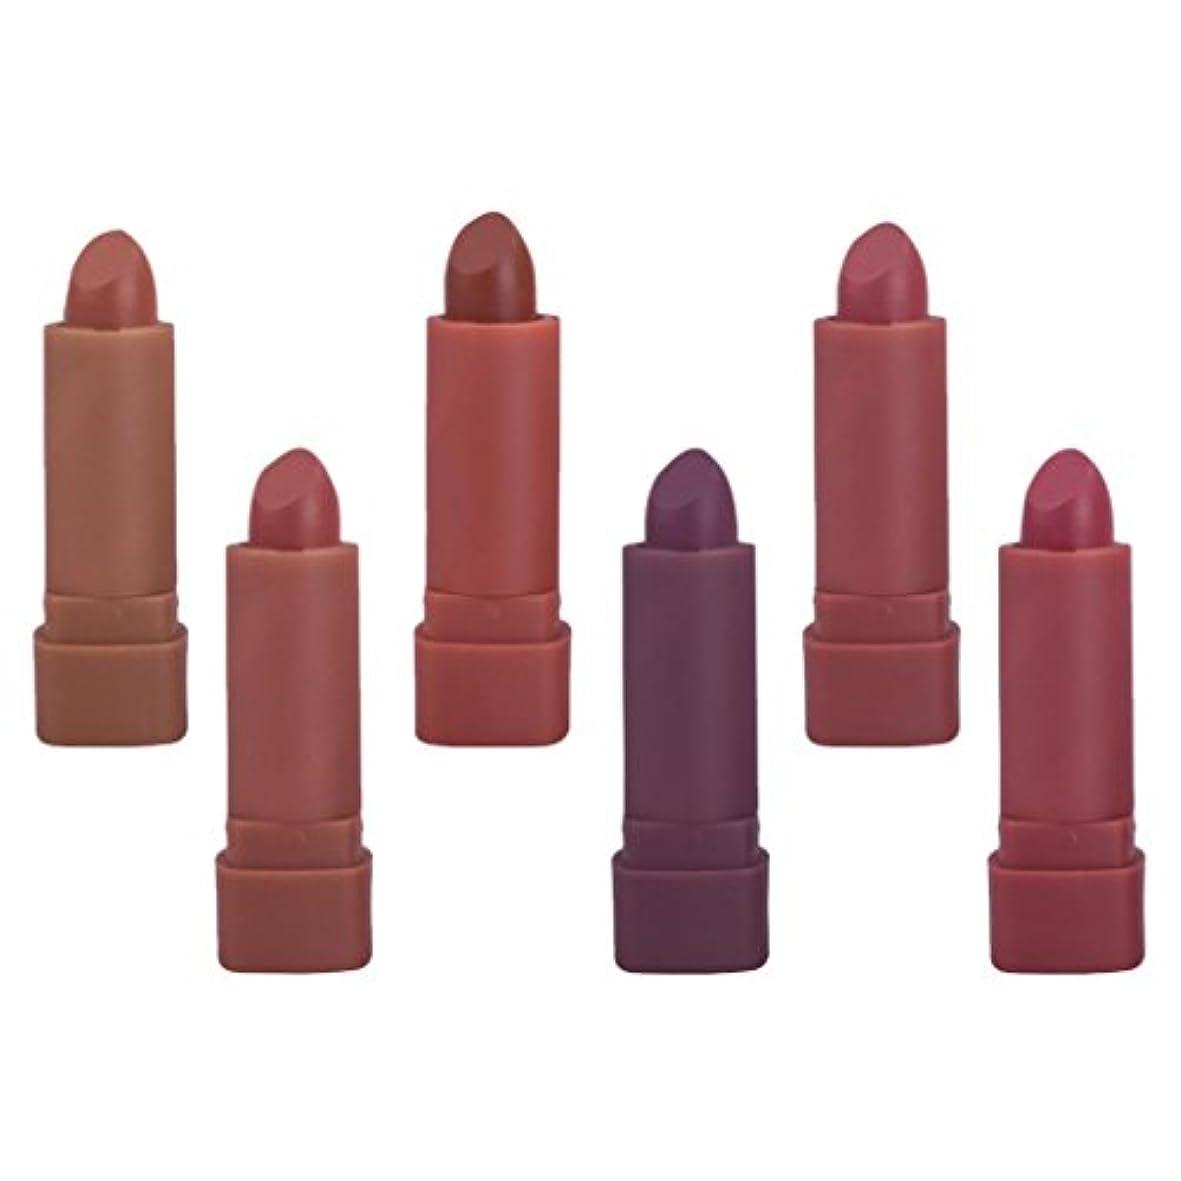 モノグラフせっかち約束するリップ スティック キット ミニマット 口紅セット 長持ち色 化粧品 メイク 6色セット